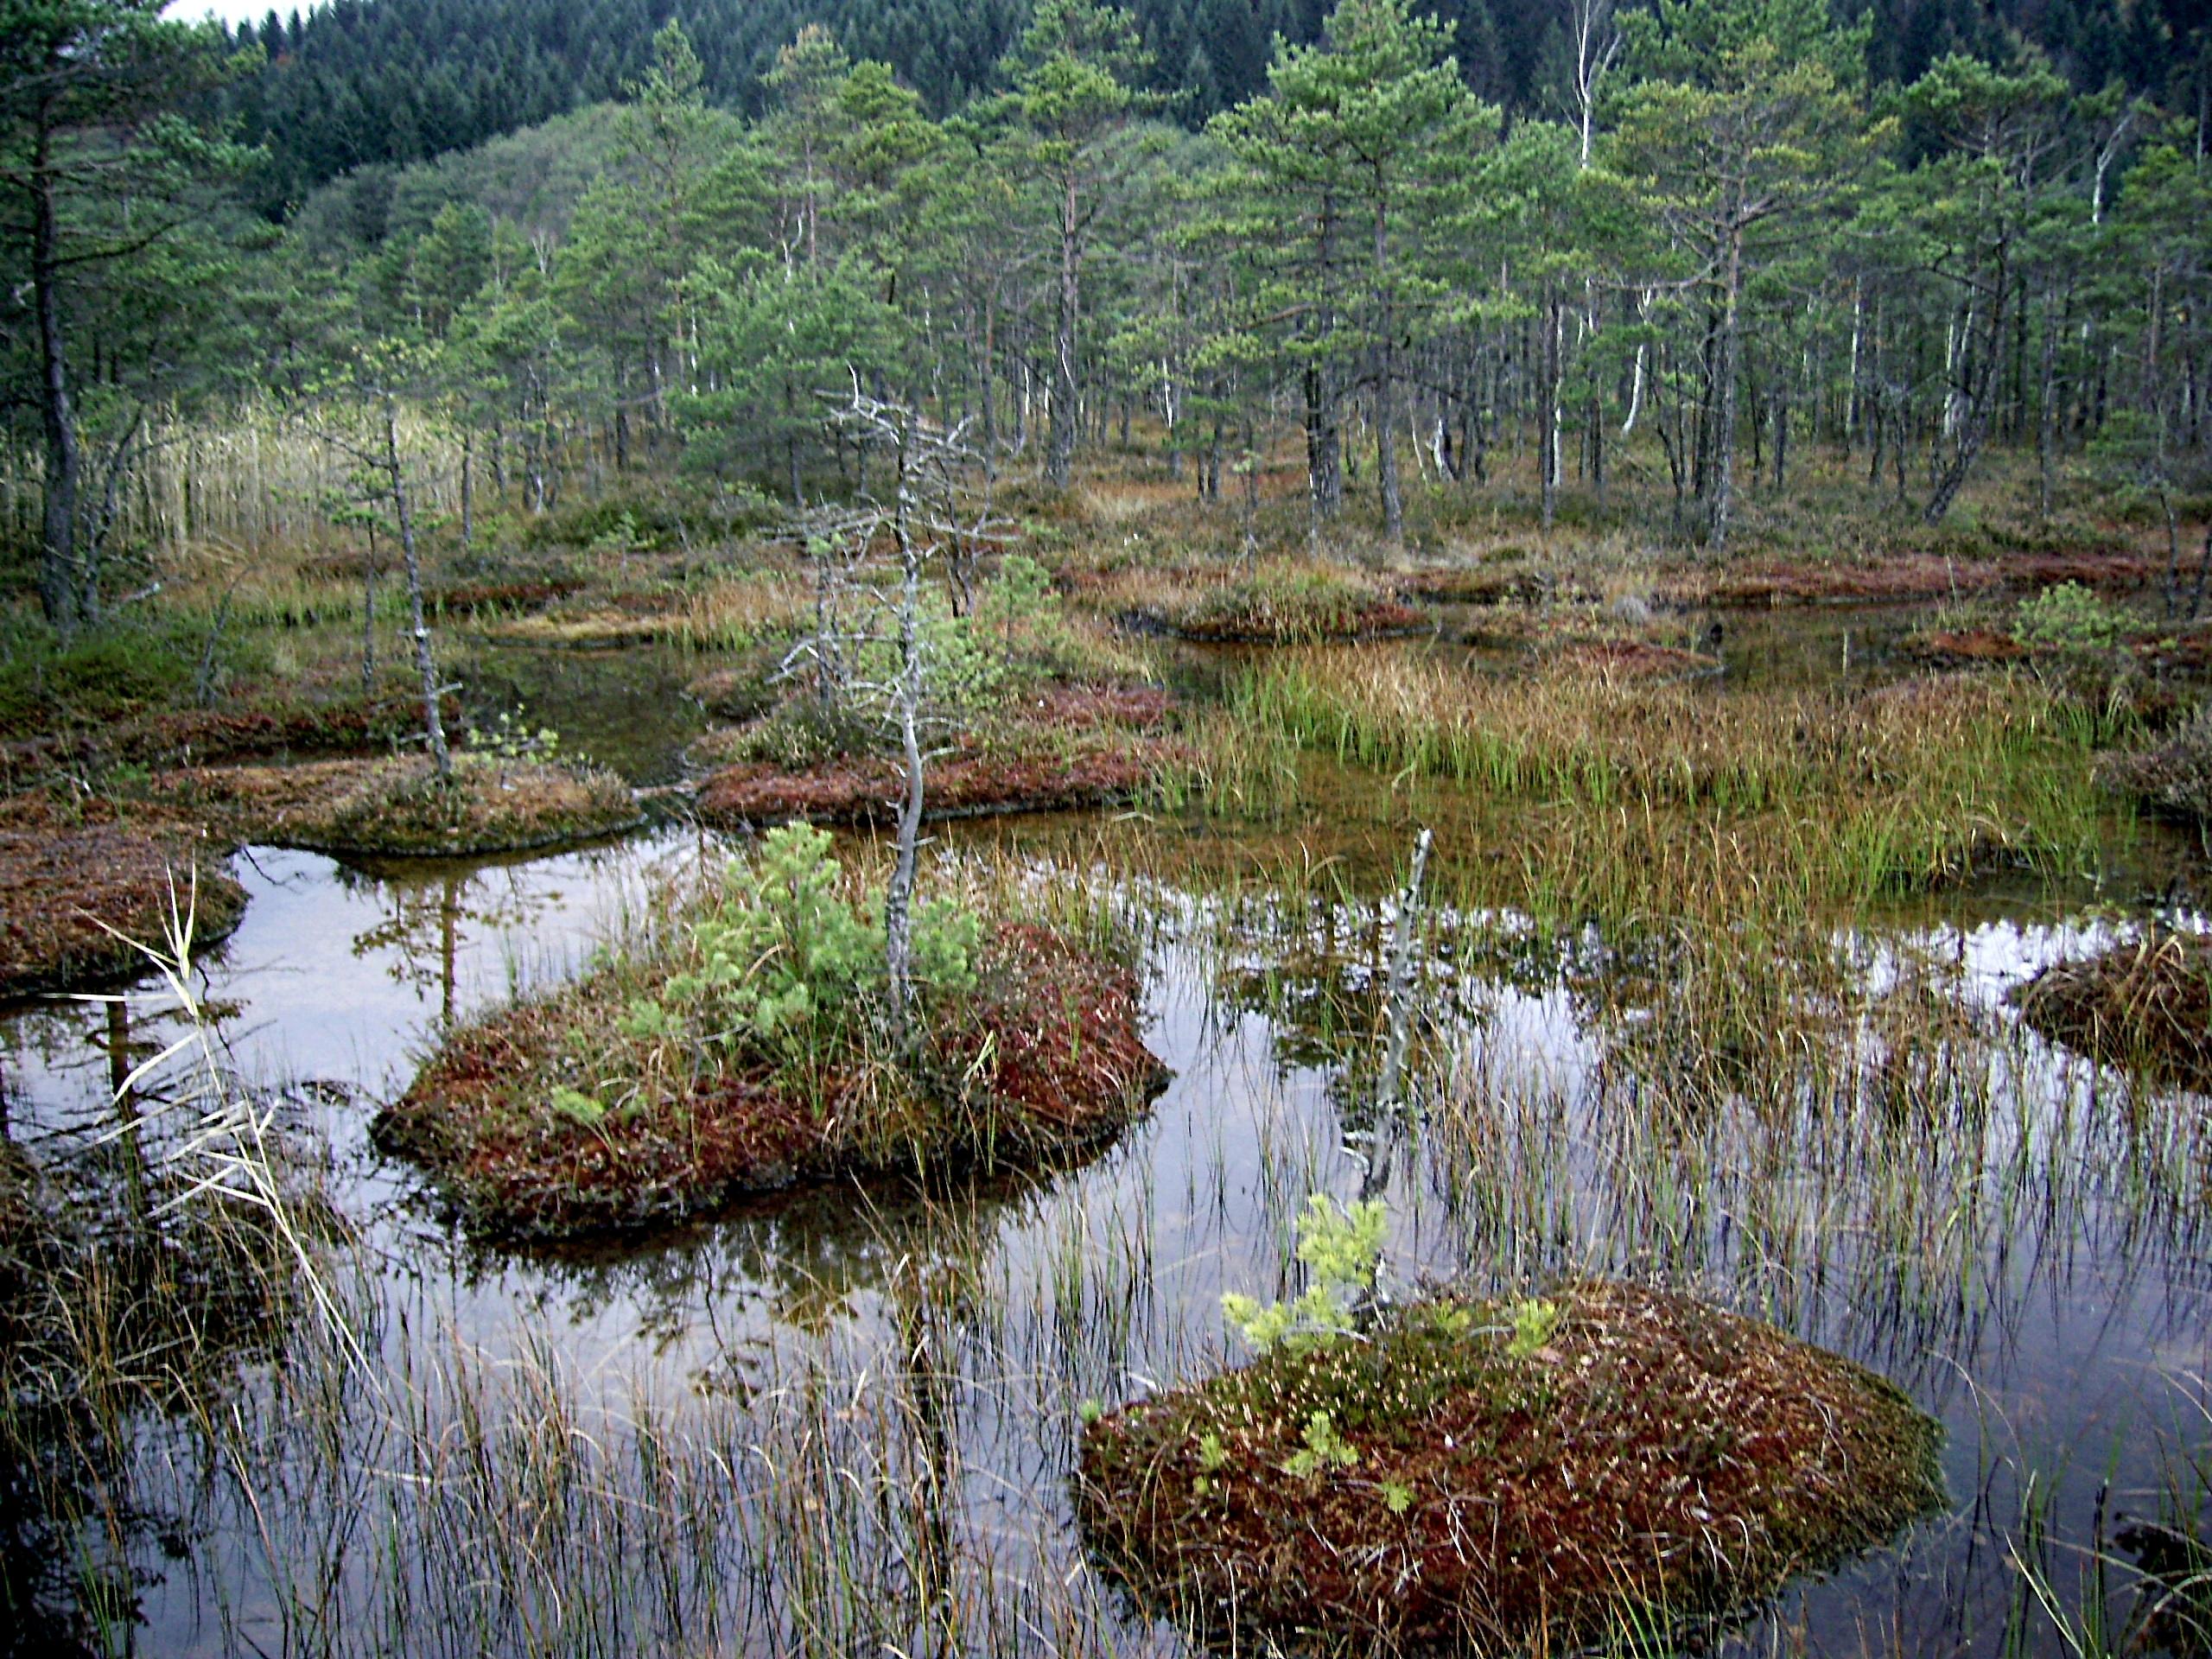 фото болота чокморова практически